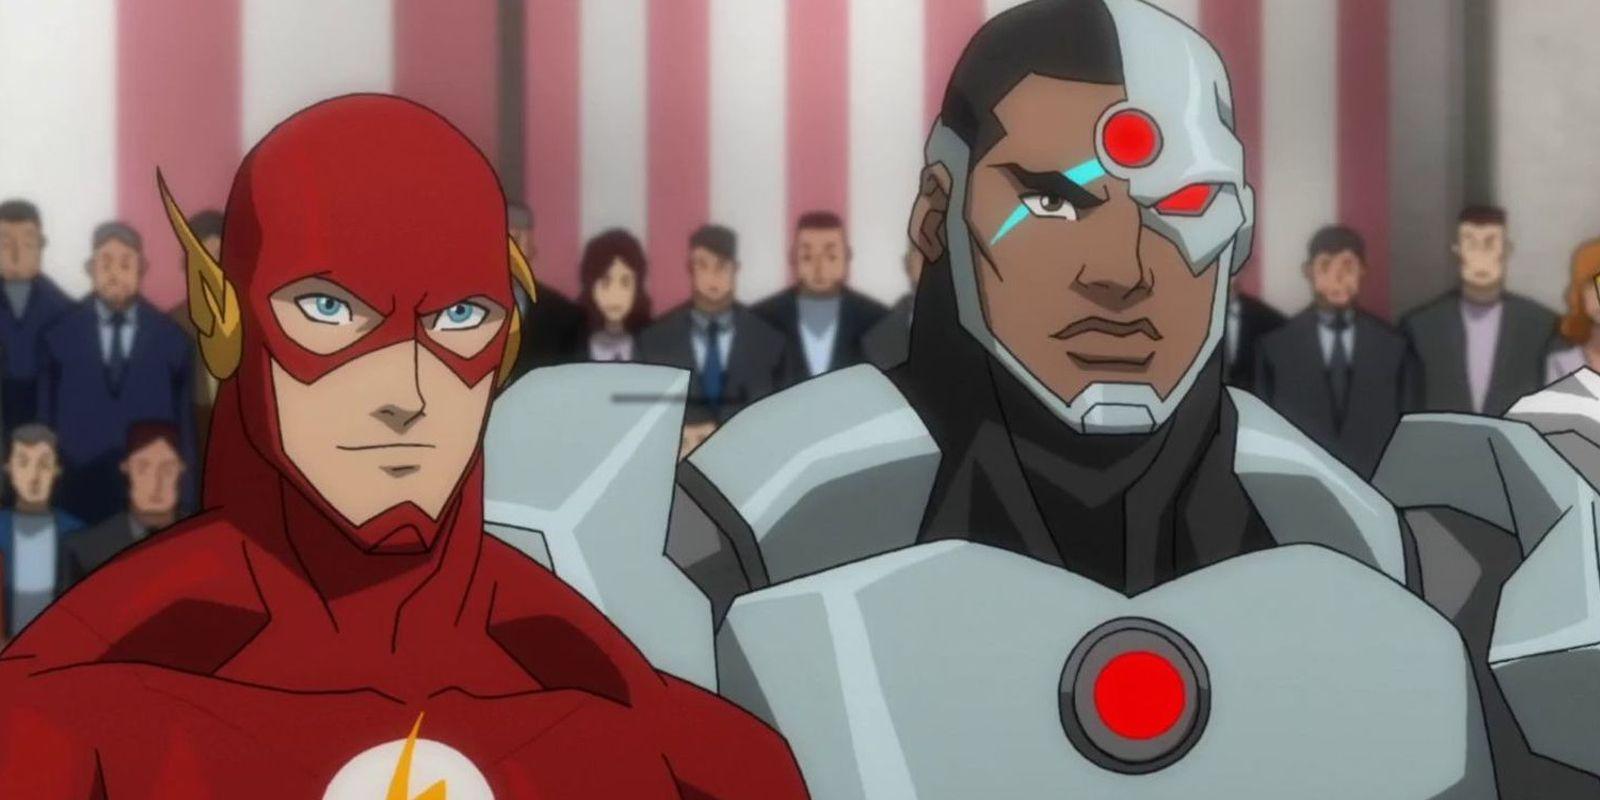 Flash e Cyborg em animação de Liga da Justiça (